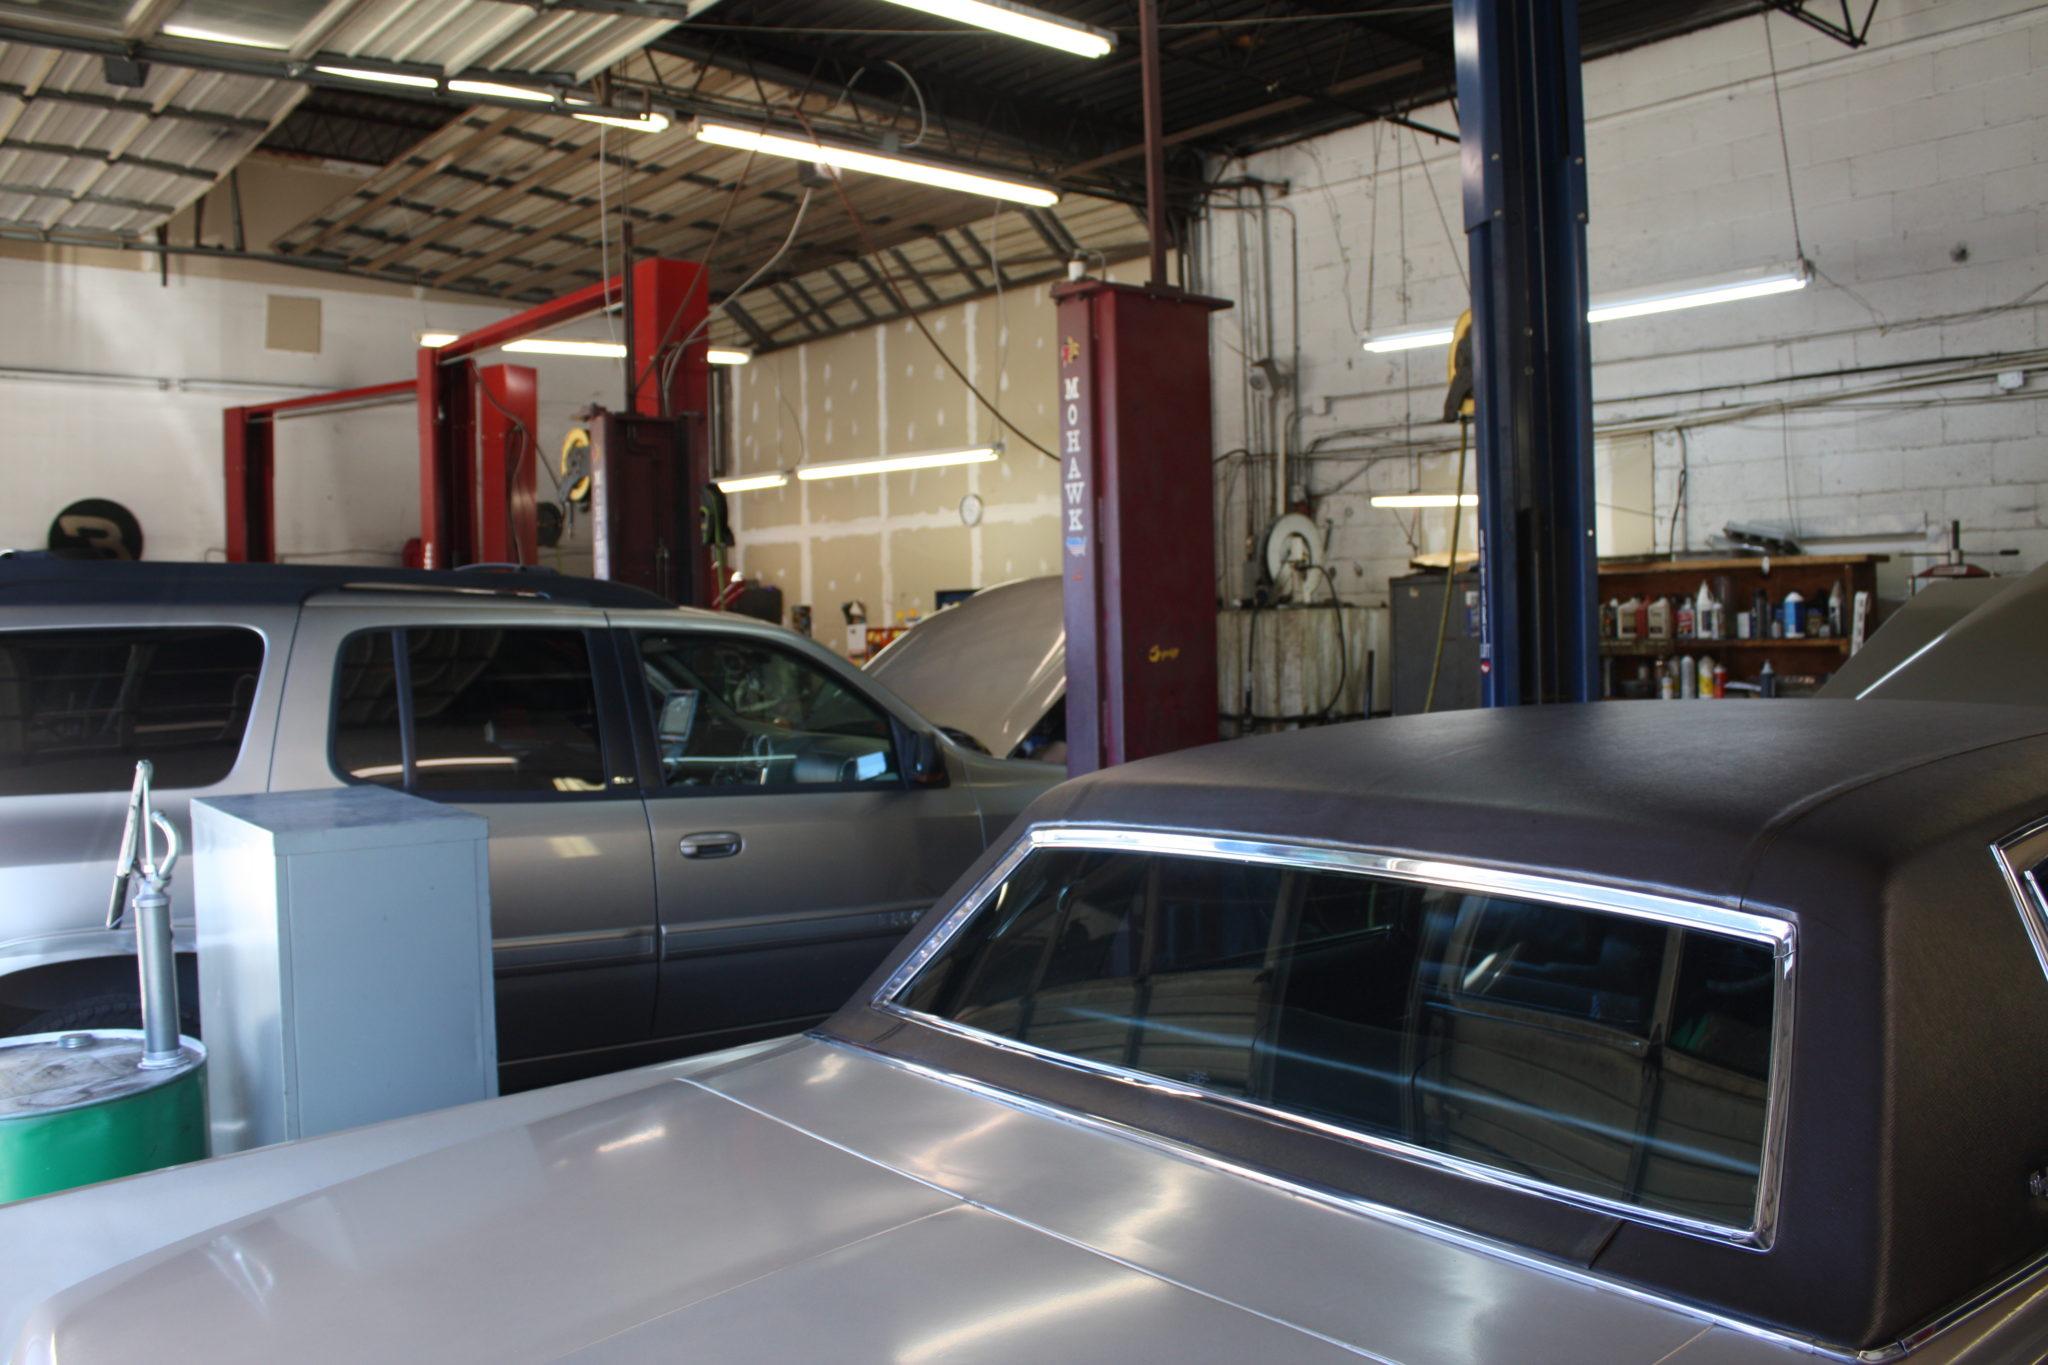 Auto repair shop near me Duluth GA